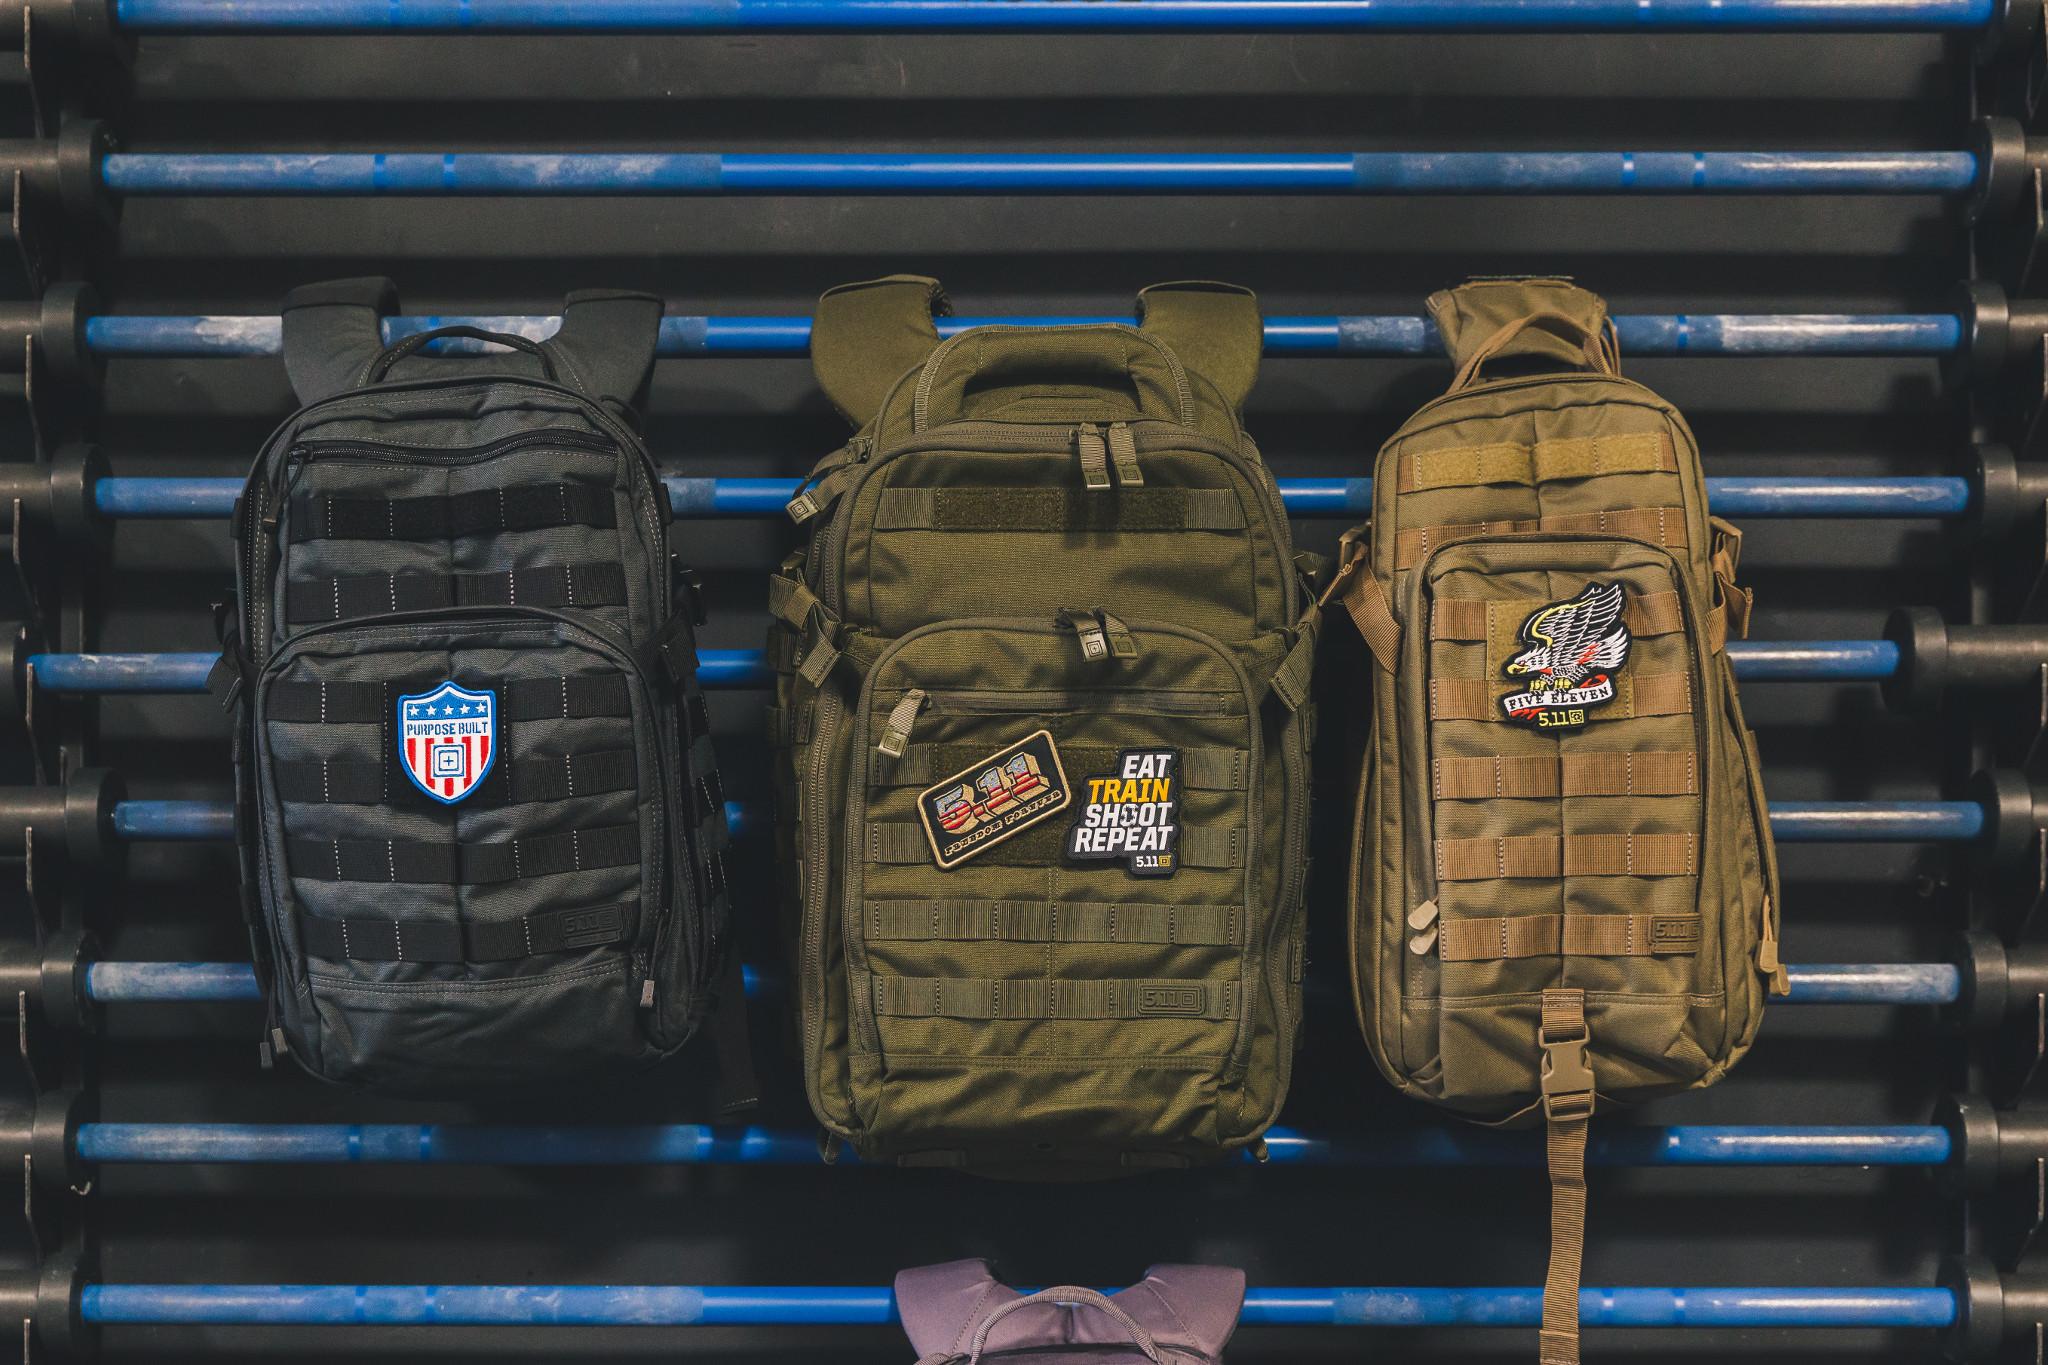 Đôi nét về thương hiệu 5.11 Tactical